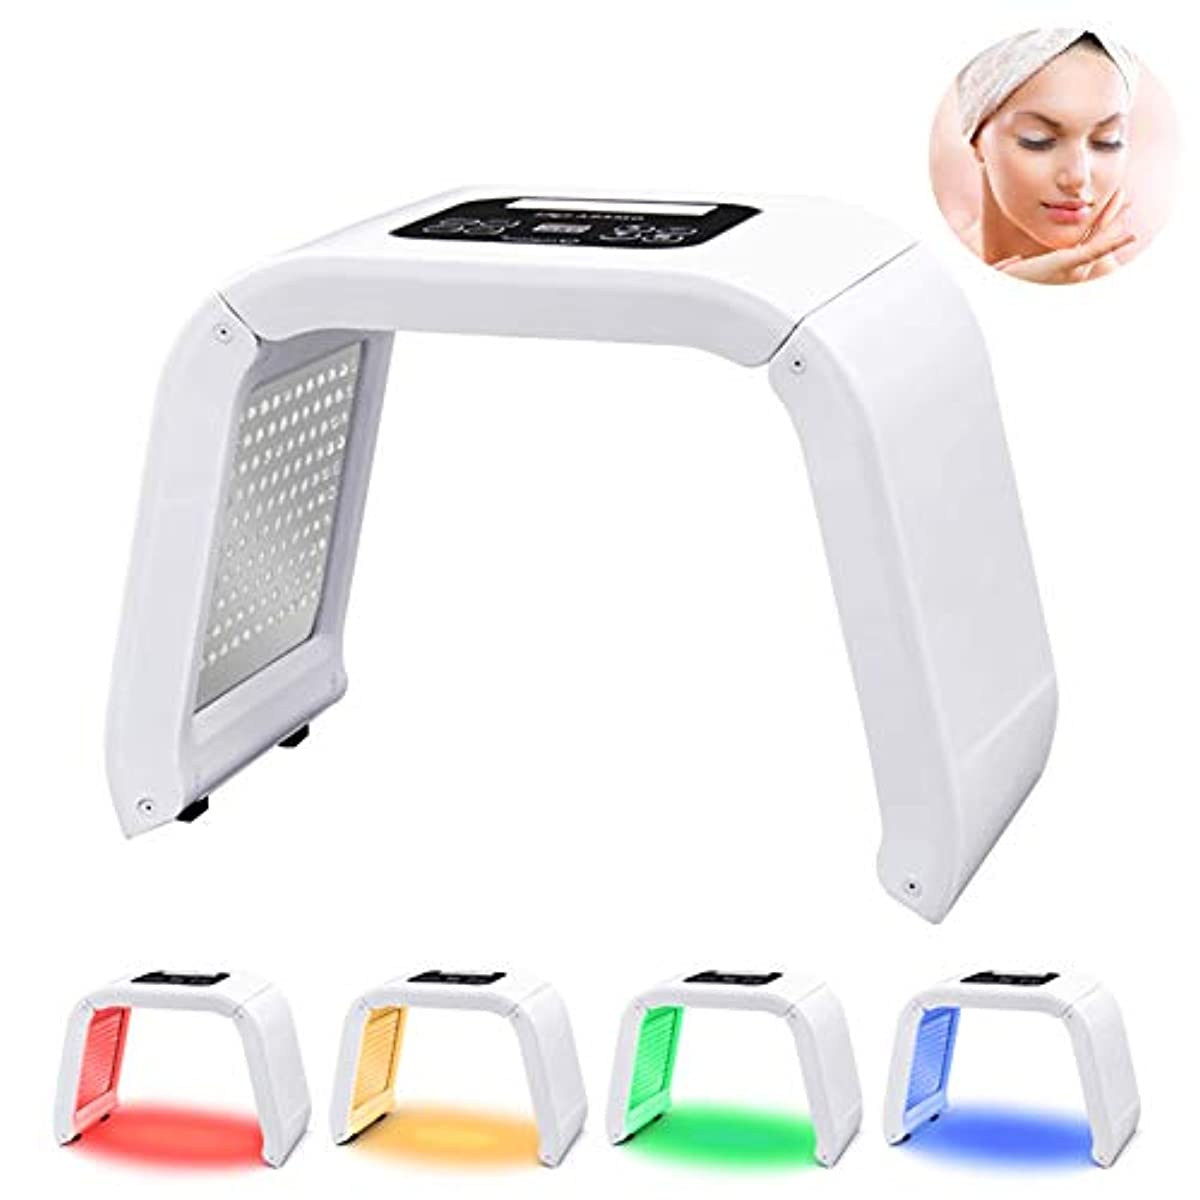 感情スタンド商標PDT 4-In-1 LEDライト光線療法電気スキンケア美容装置家庭用多機能体の美容スキンケア分光器のマシン女性のための完璧なギフト